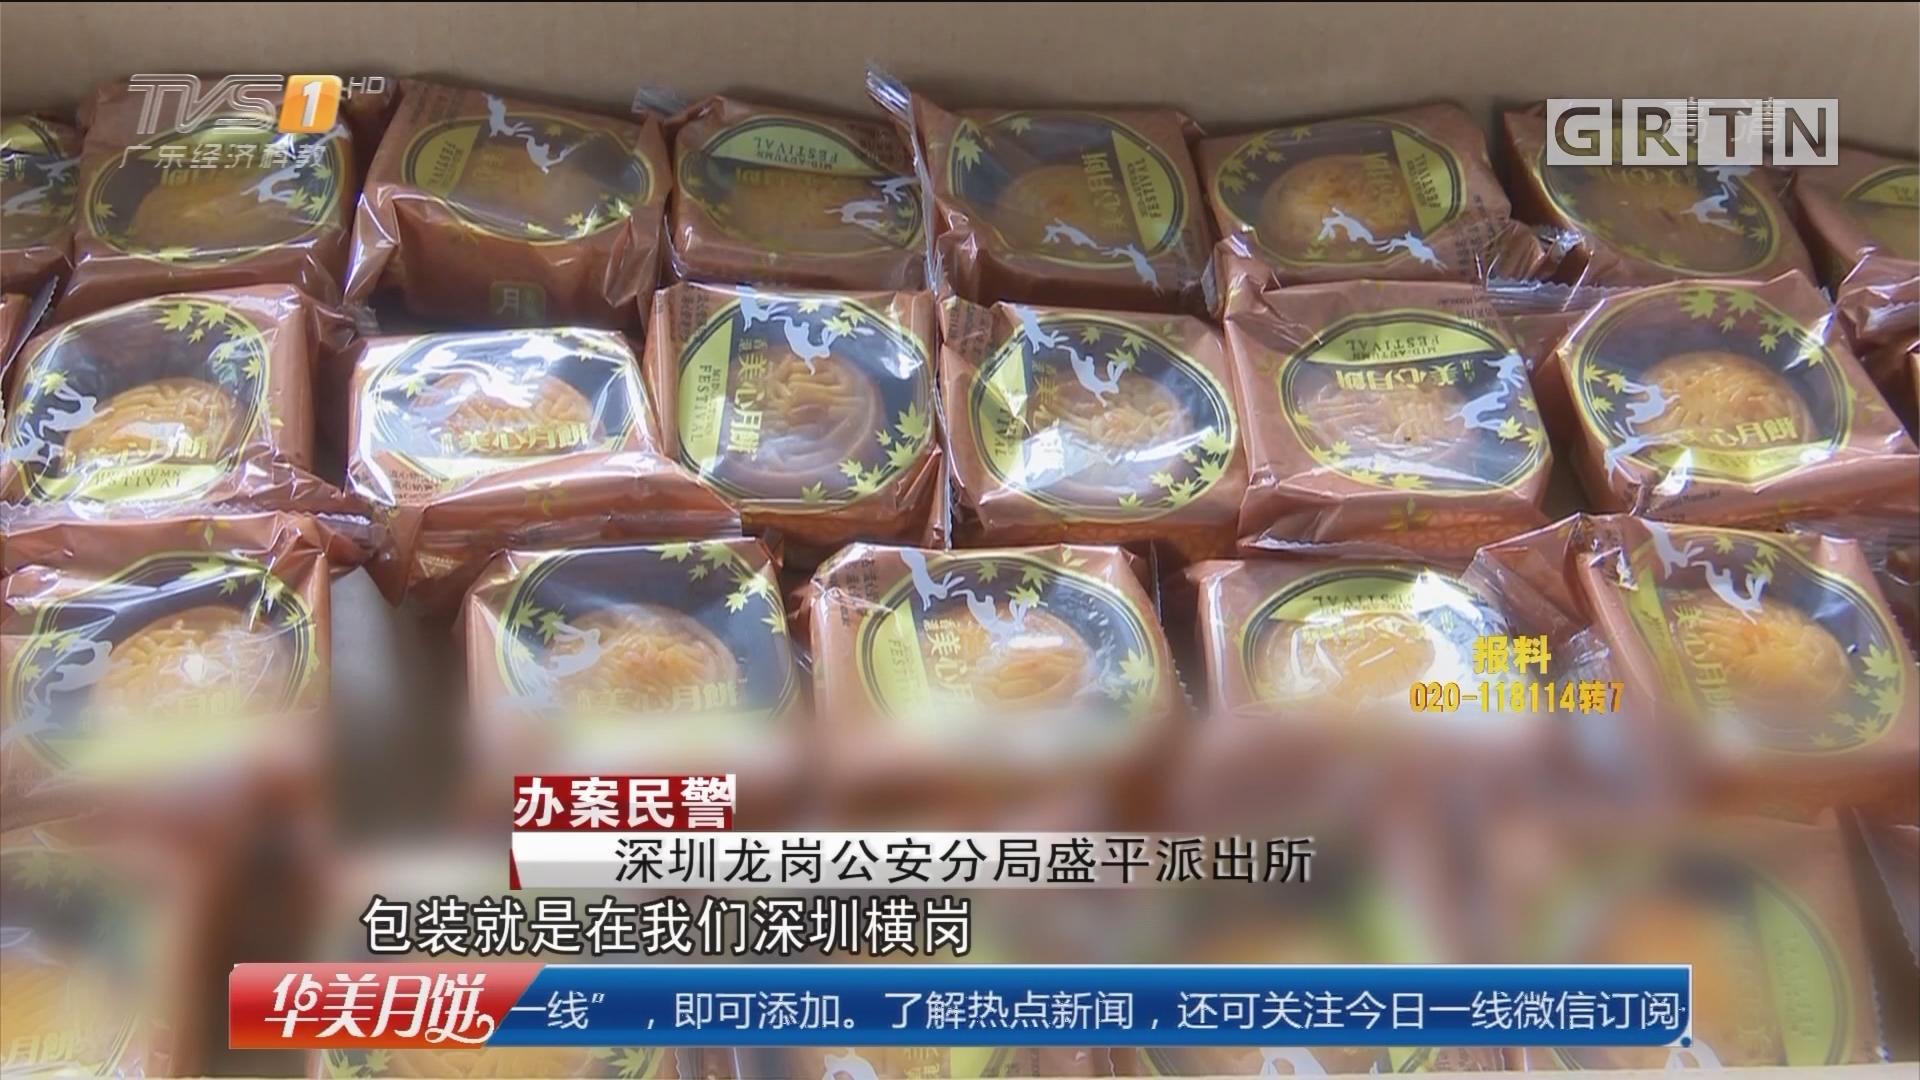 深圳:查获千盒山寨品牌月饼 或存安全隐患